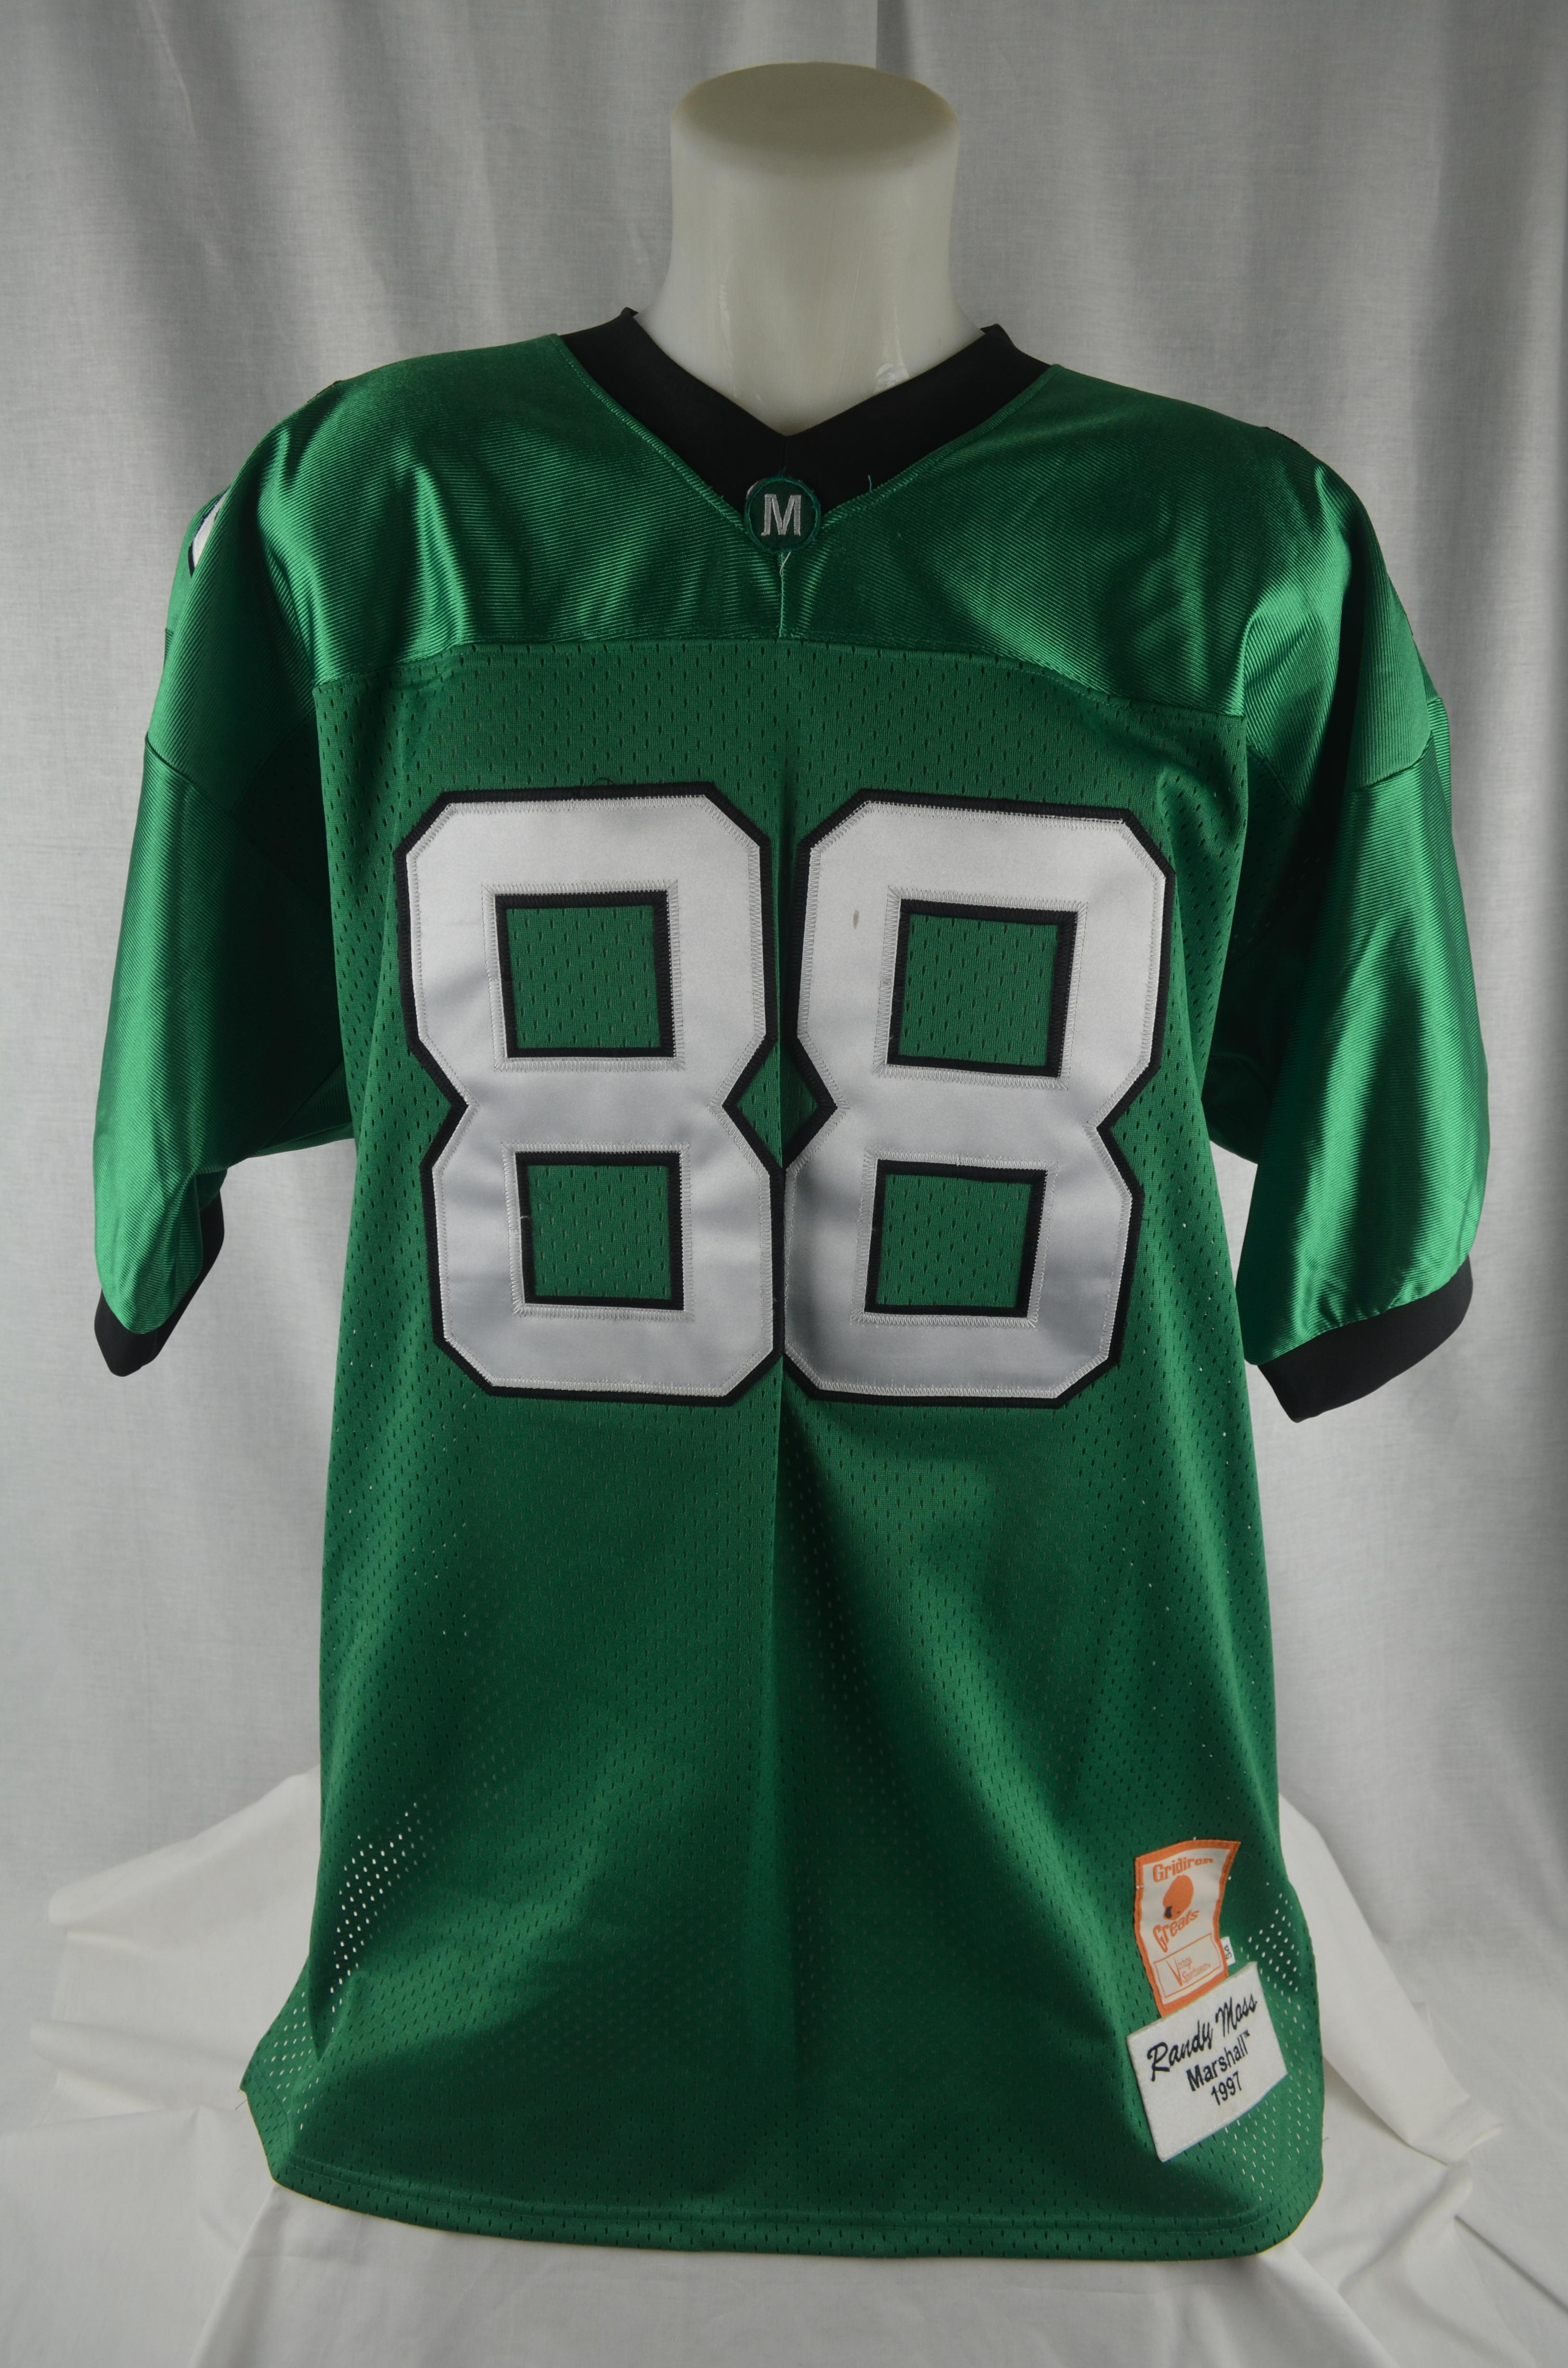 marshall jersey